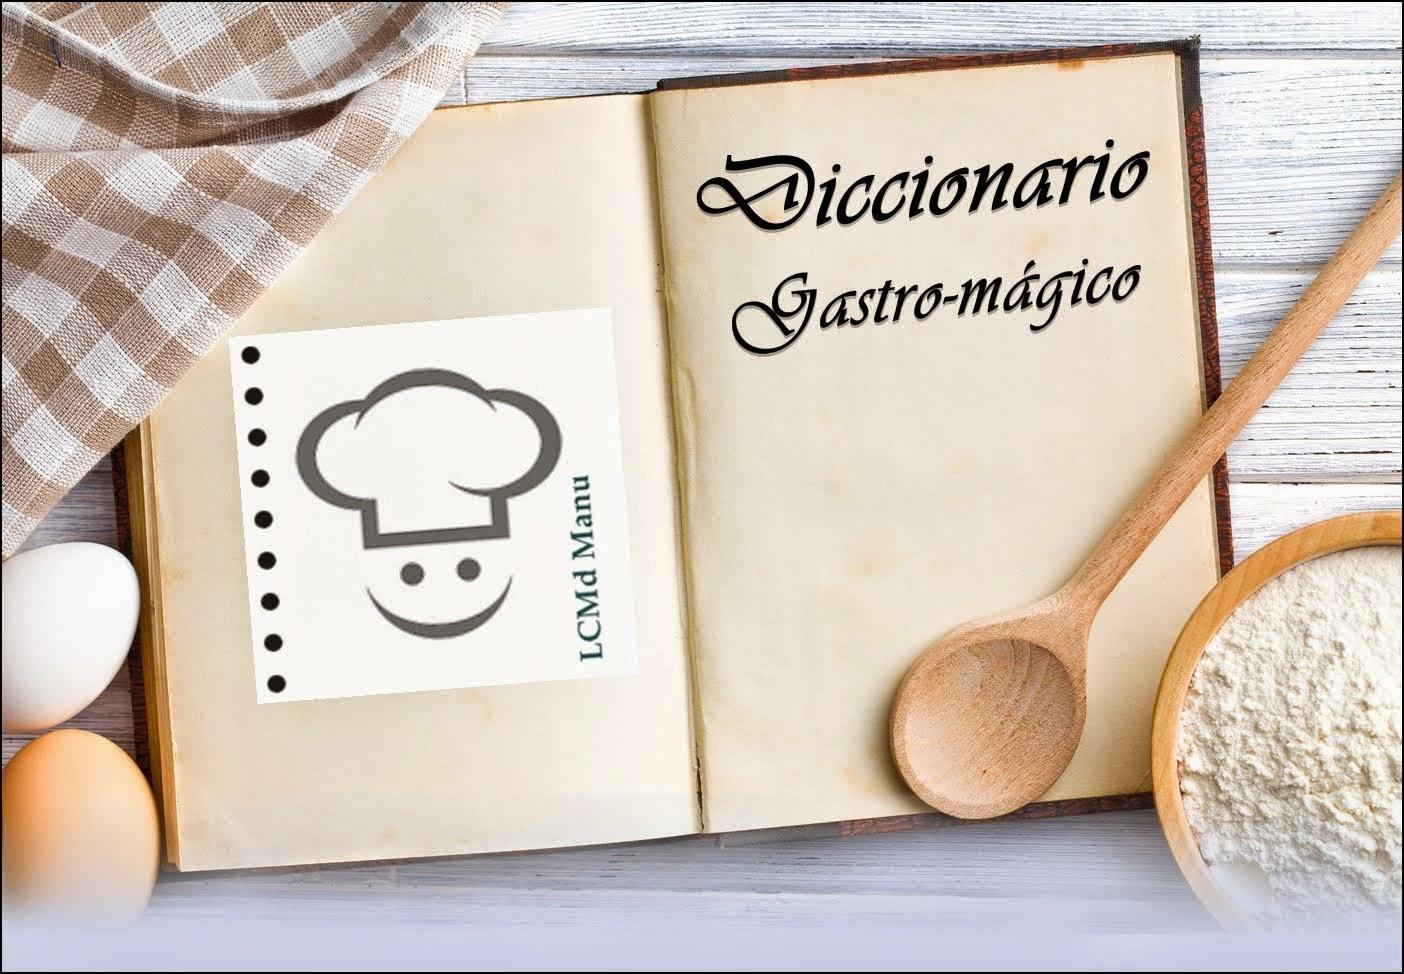 Diccionario gastro-mágico